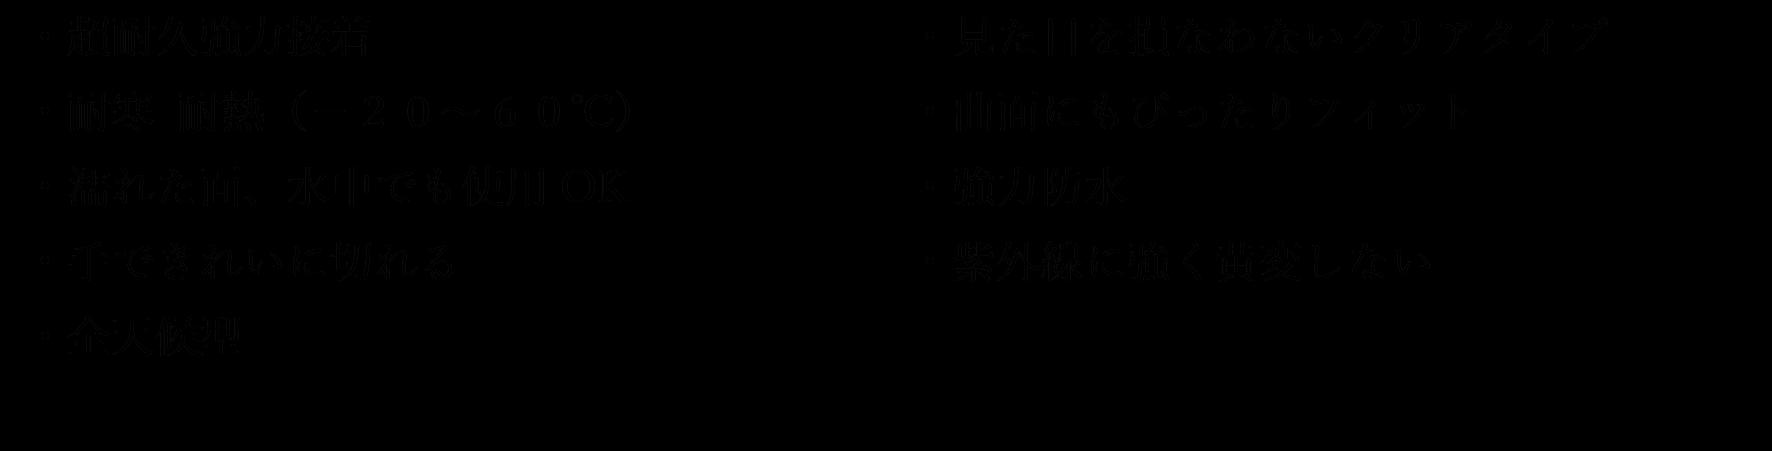 ゴリラテープクリスタルクリア